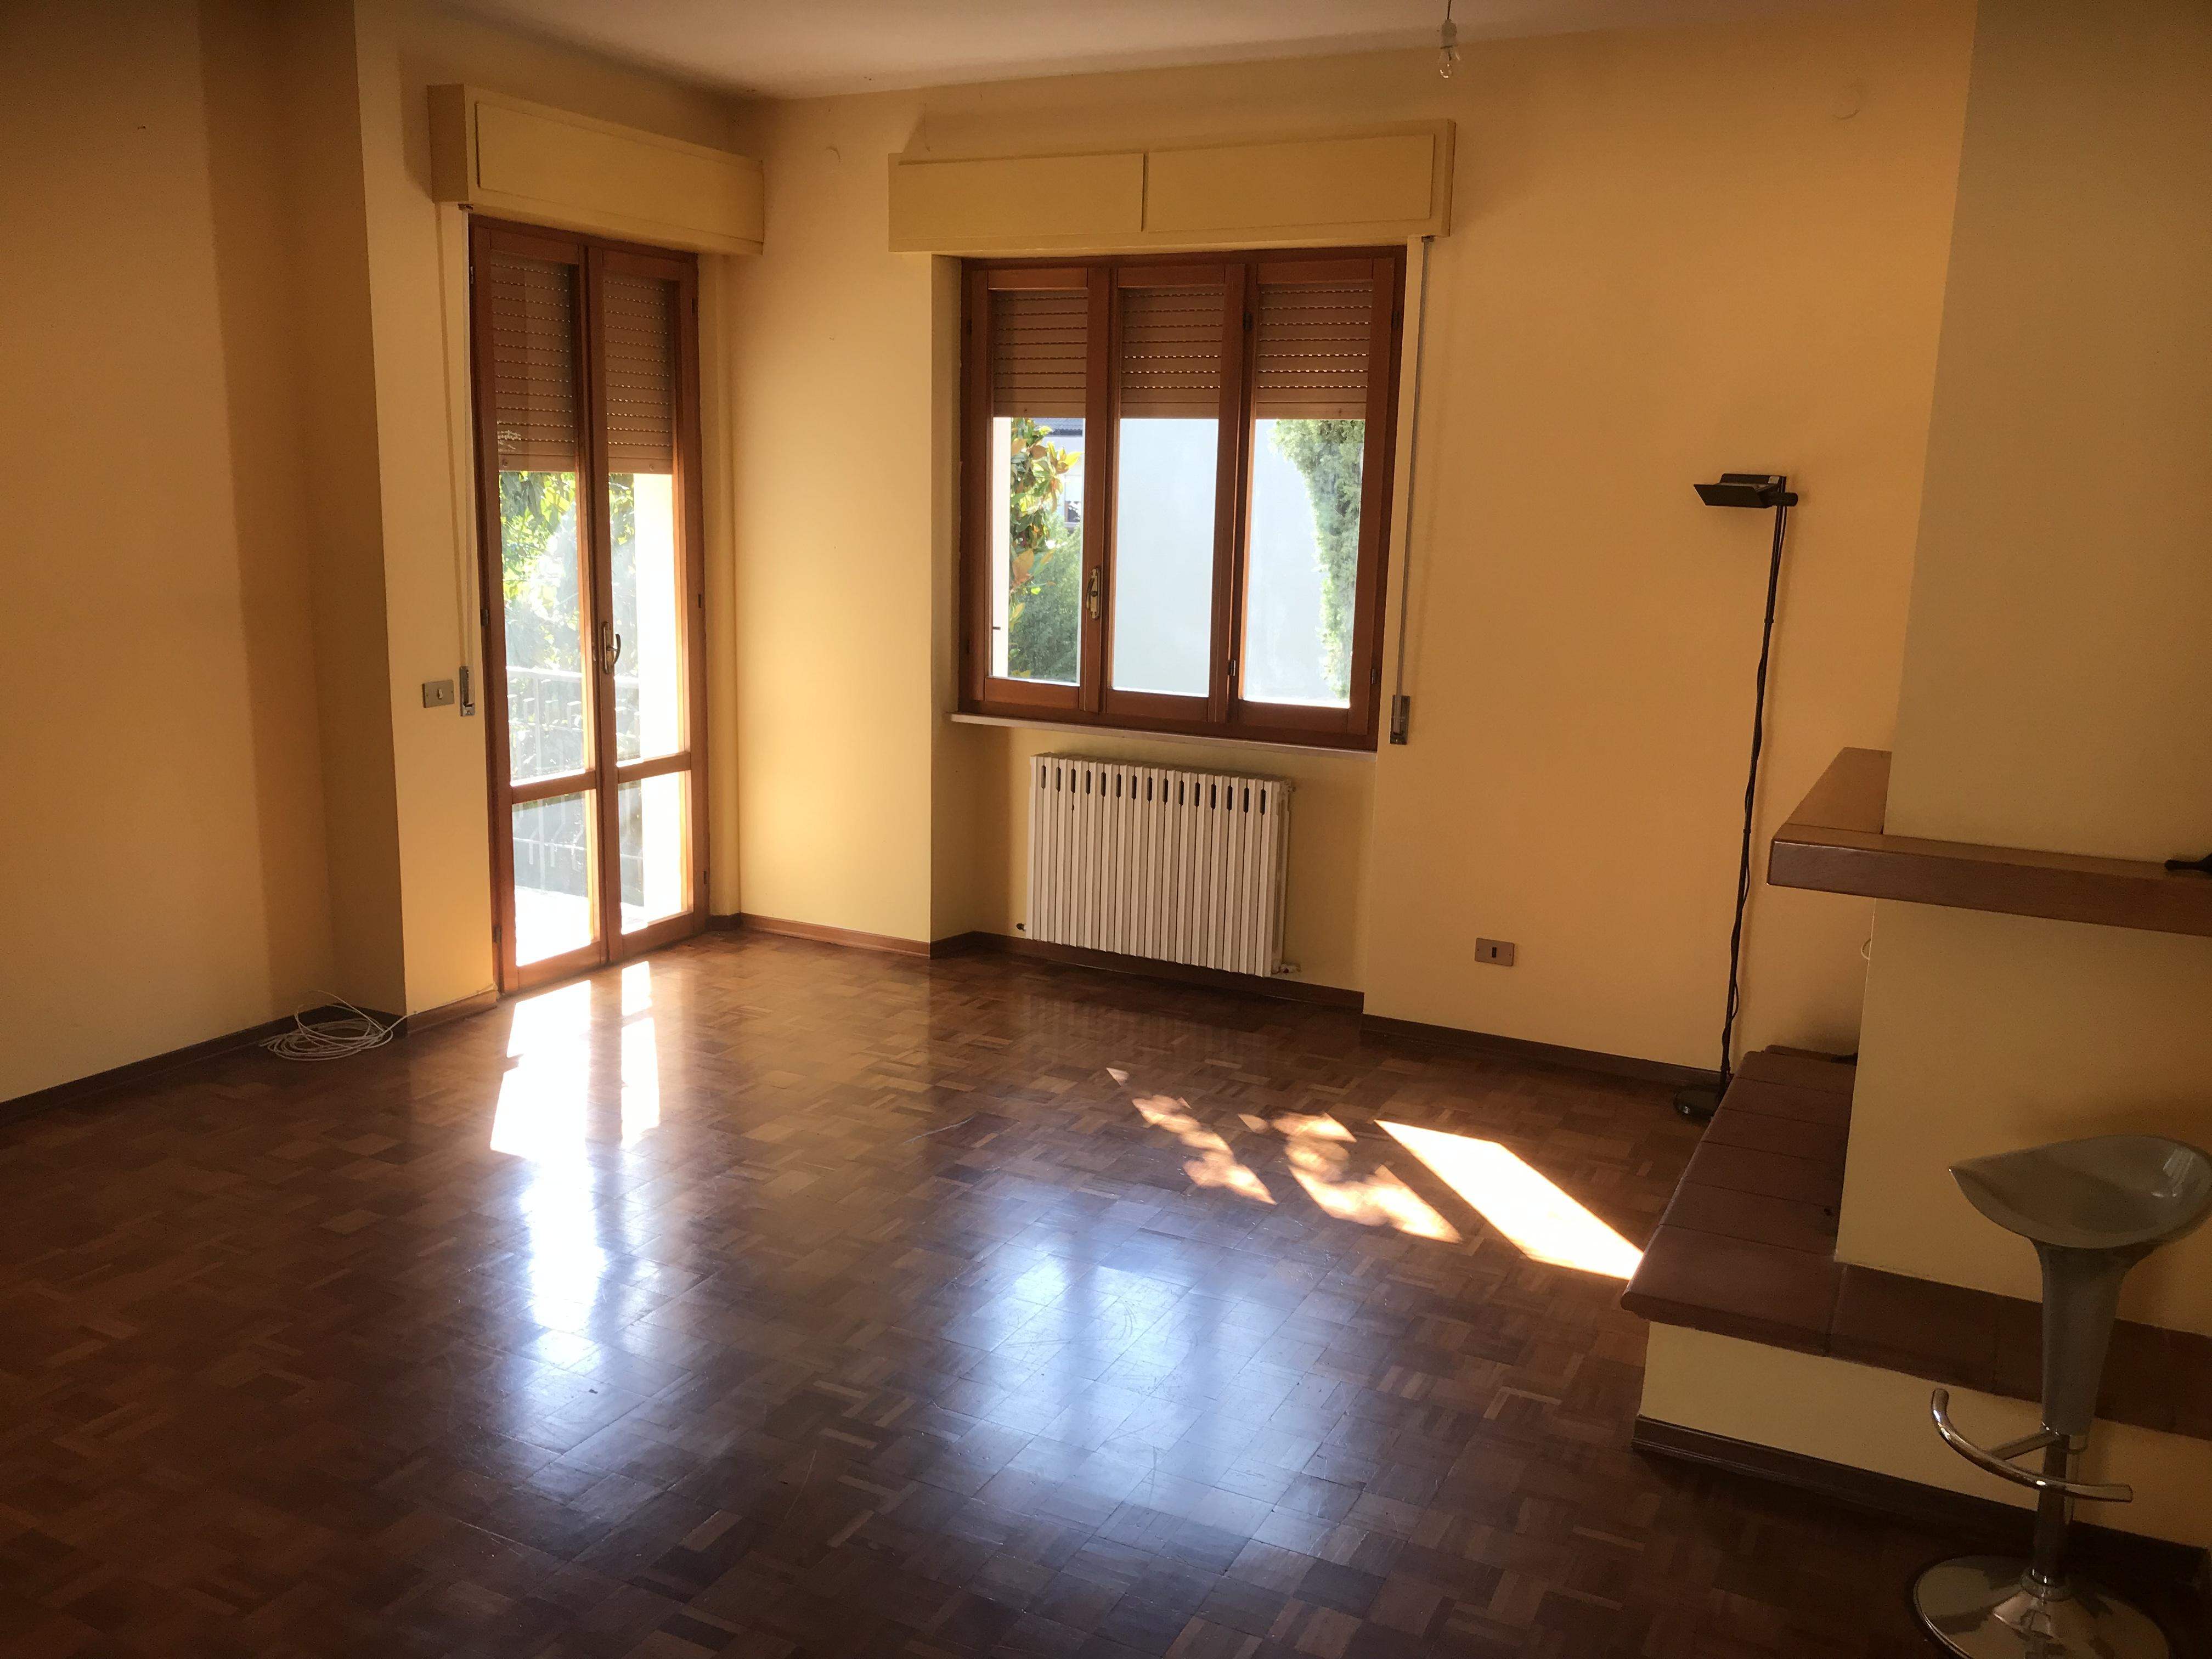 Apartment 146 sq m